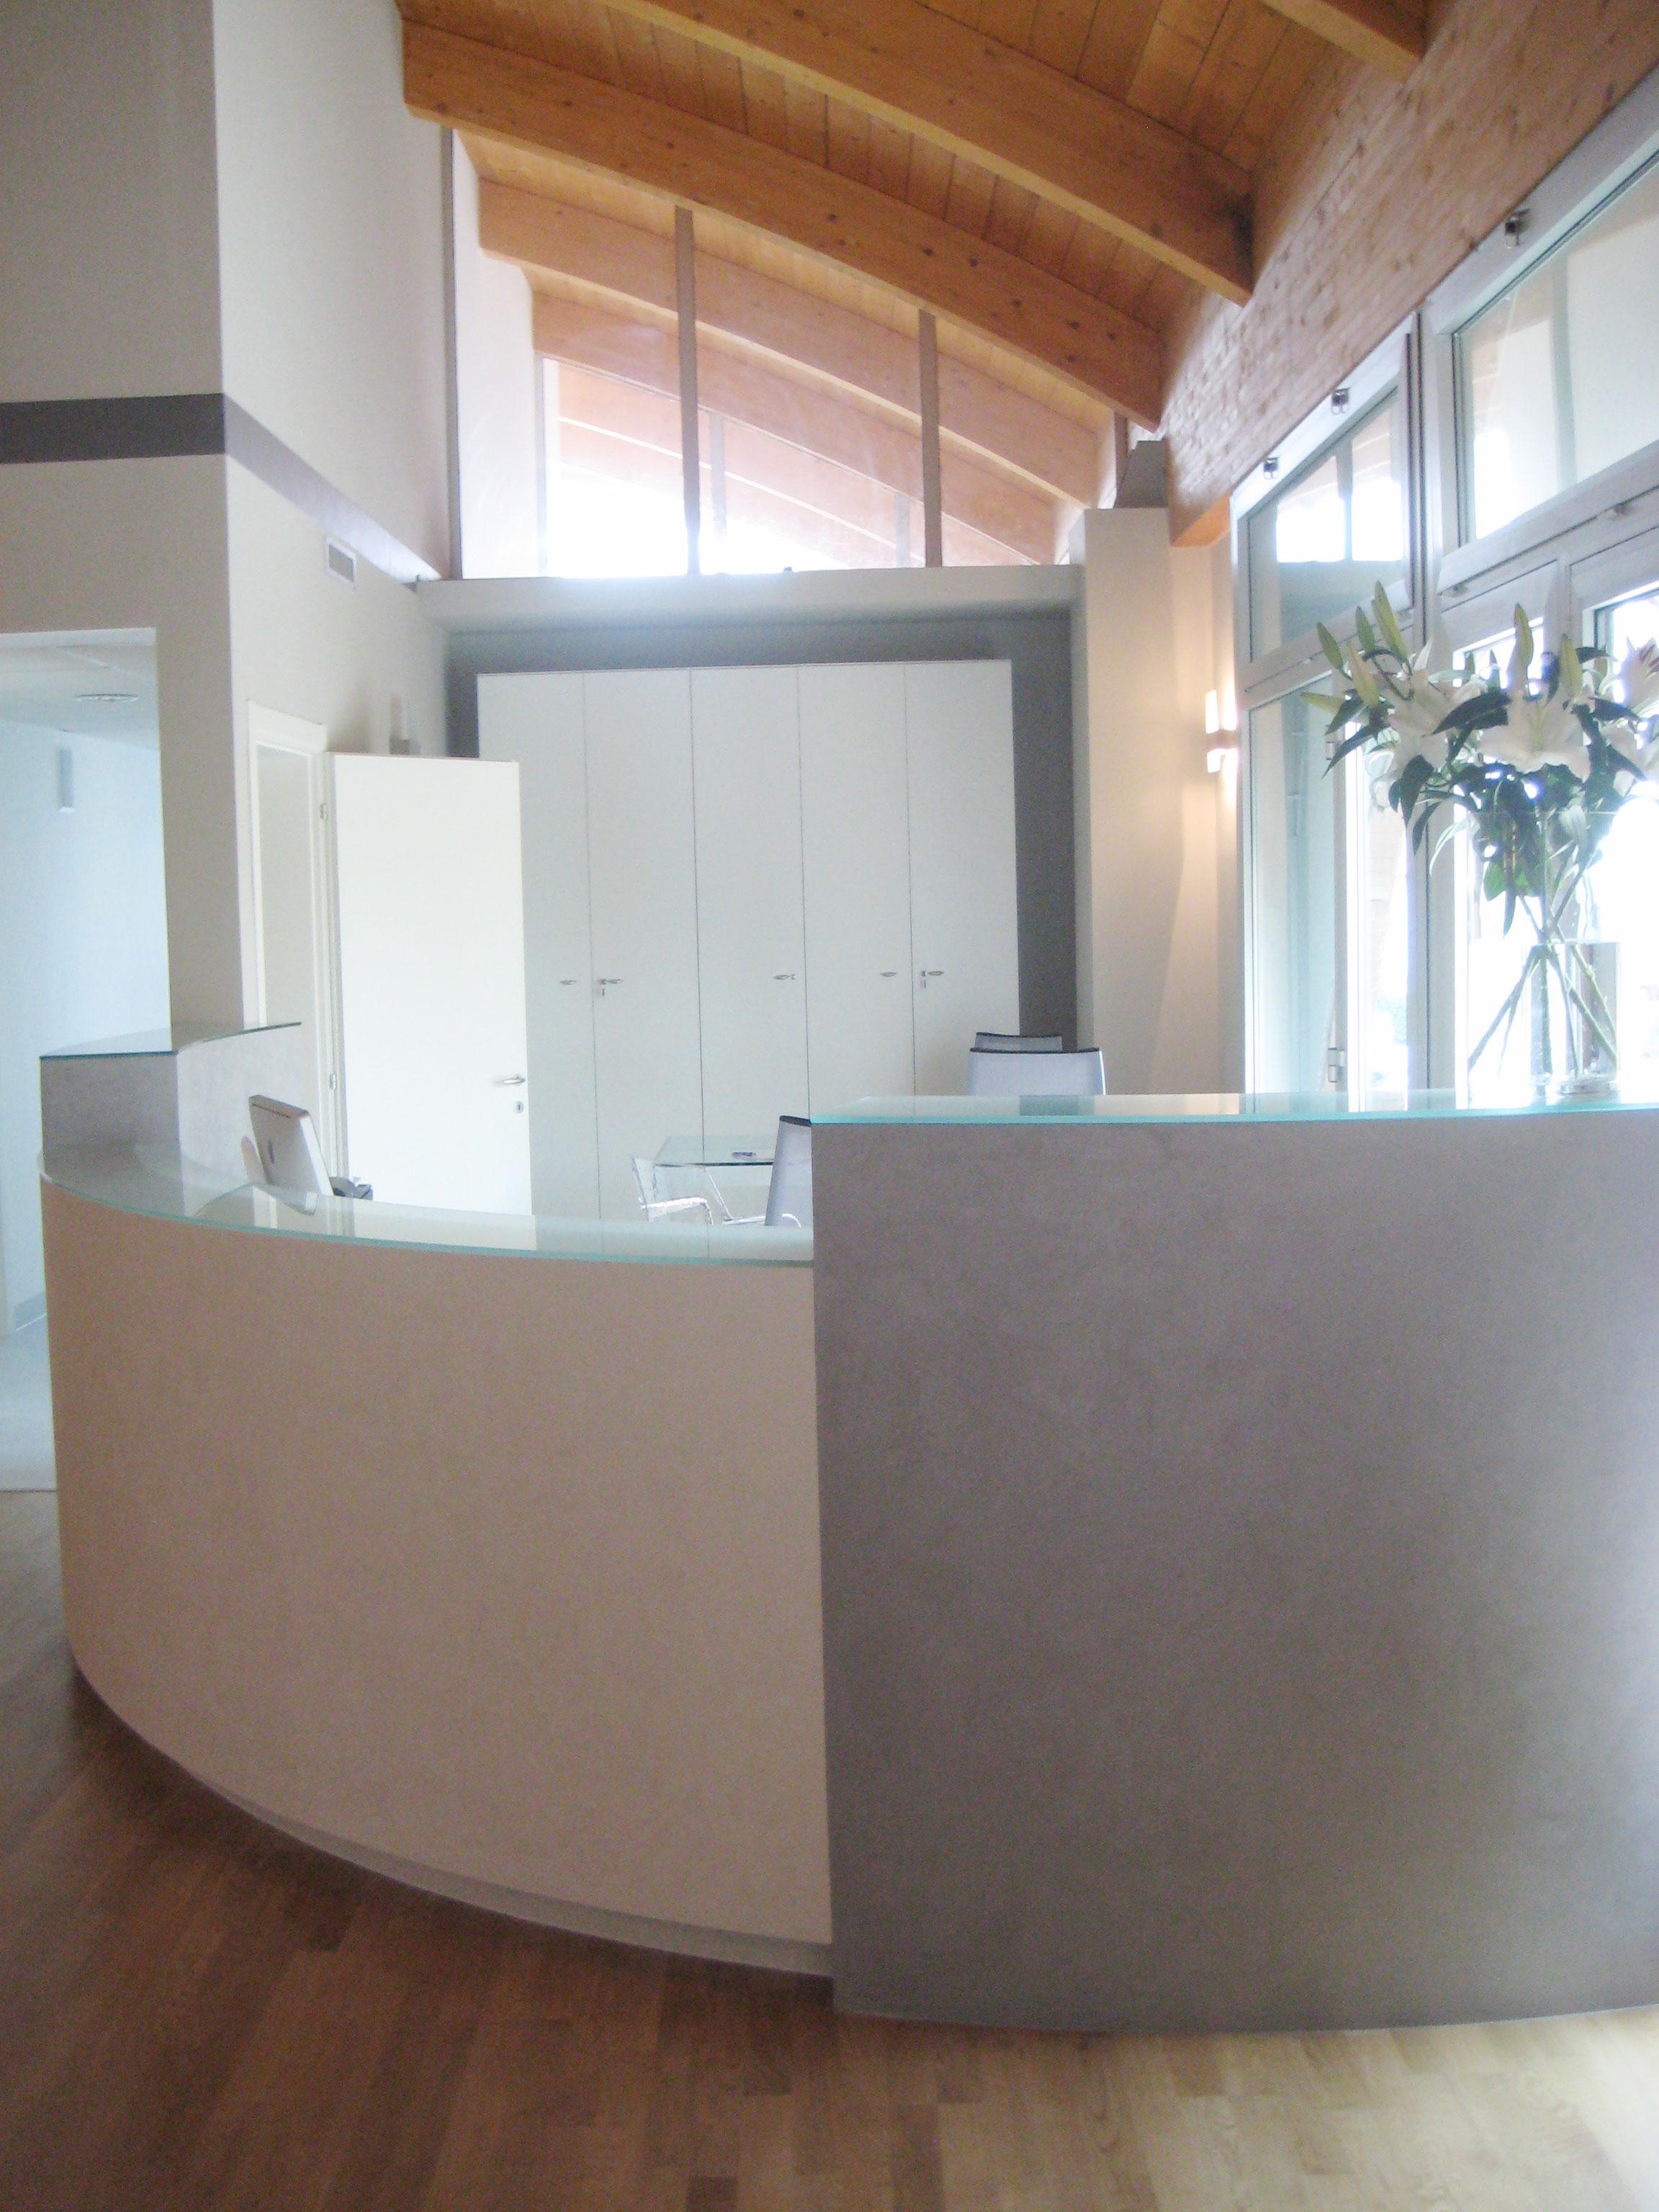 Interior design ufficio 7 tecnoin for Interior design ufficio